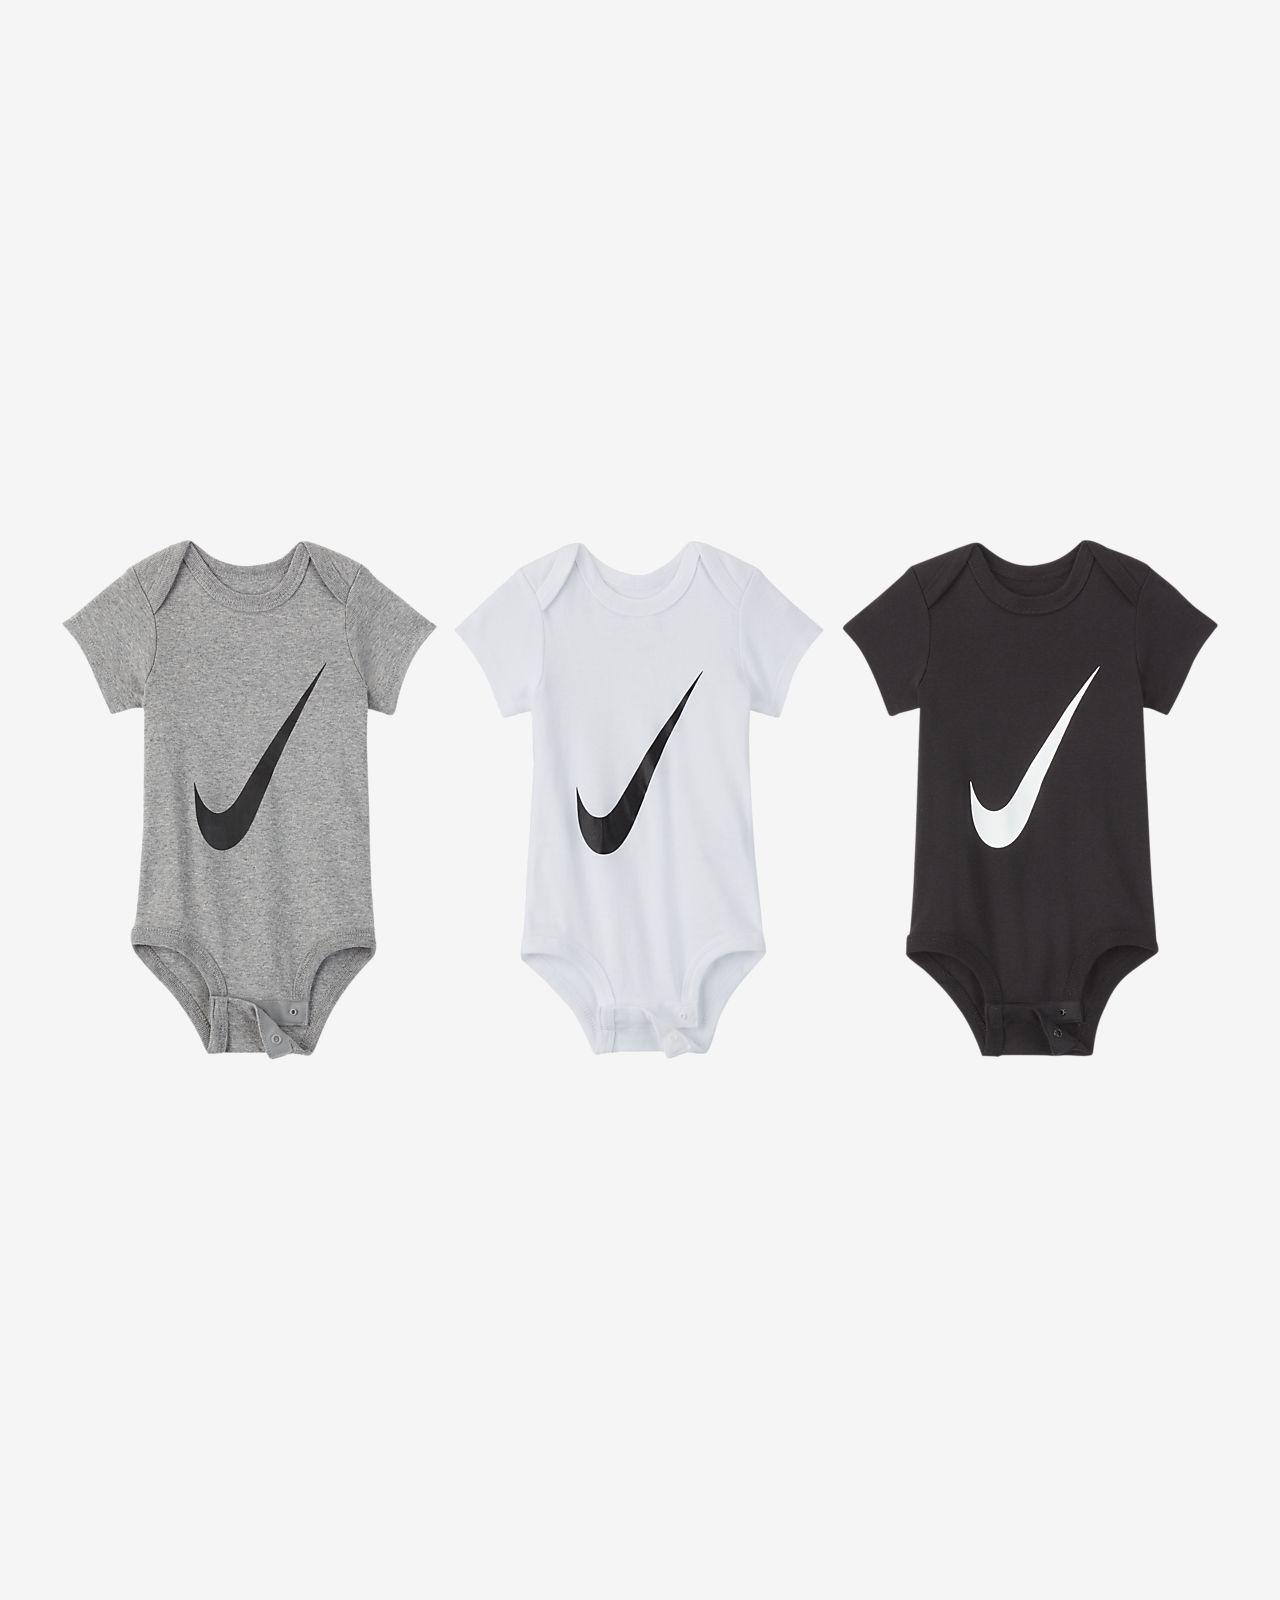 Nike Driedelige rompertjesset voor baby's (0-6 maanden)